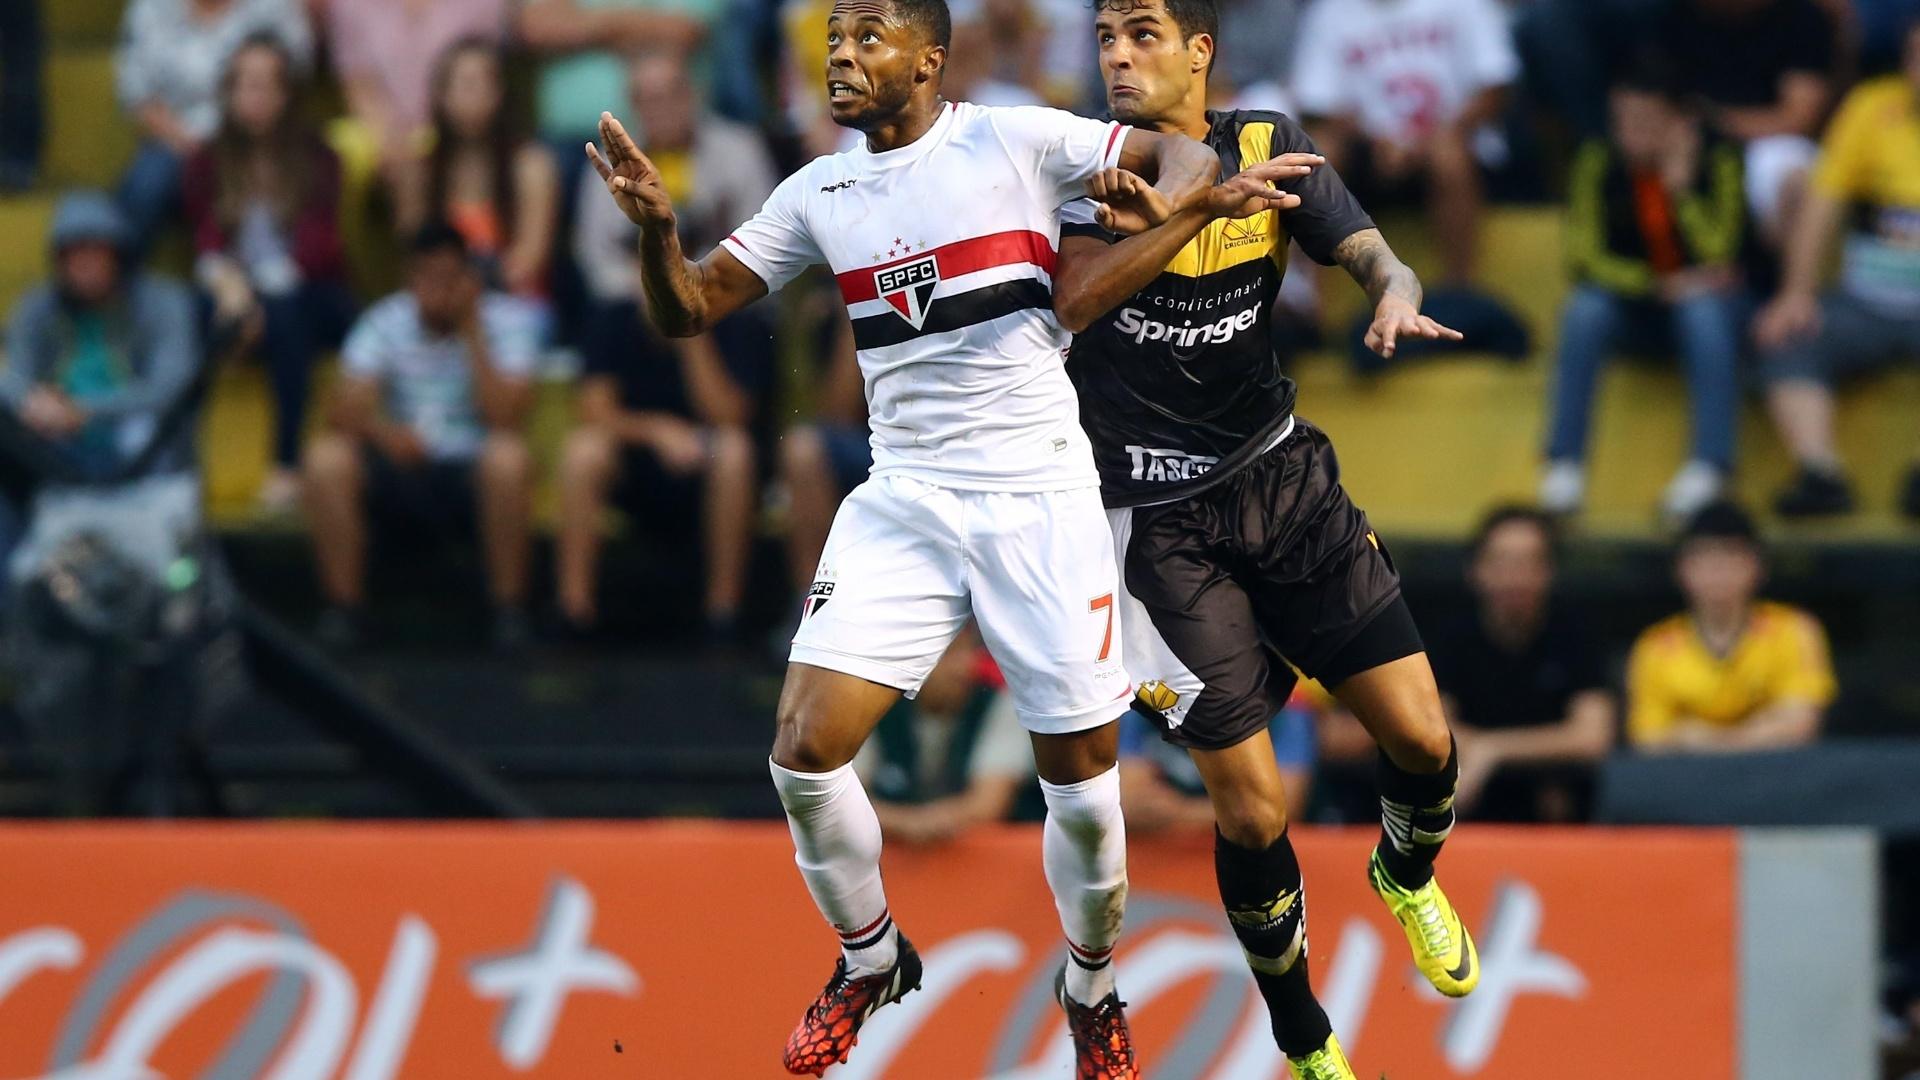 Michel Bastos disputa bola de cabeça com jogador do Criciúma na partida do São Paulo